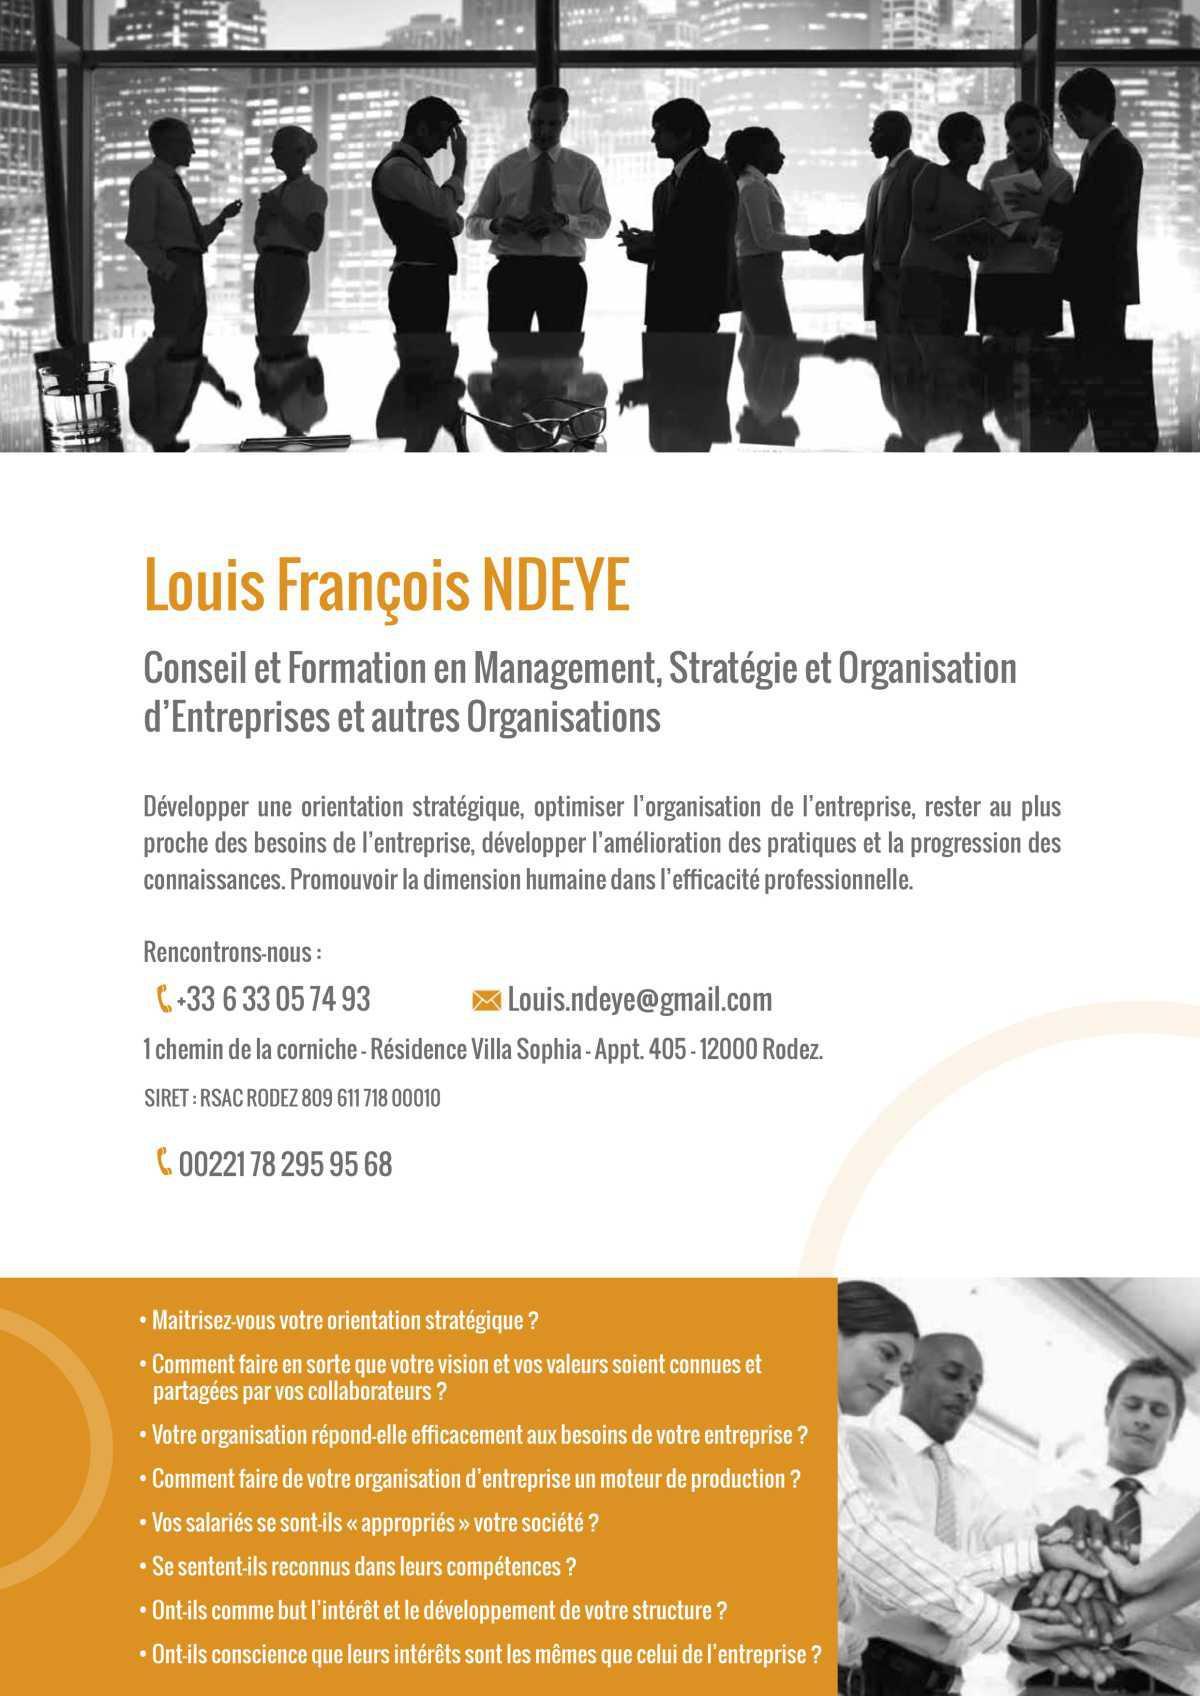 Louis François NDEYE, Conseil et Formation en Management, Stratégie et Organisation d'Entreprises et autres Organisations